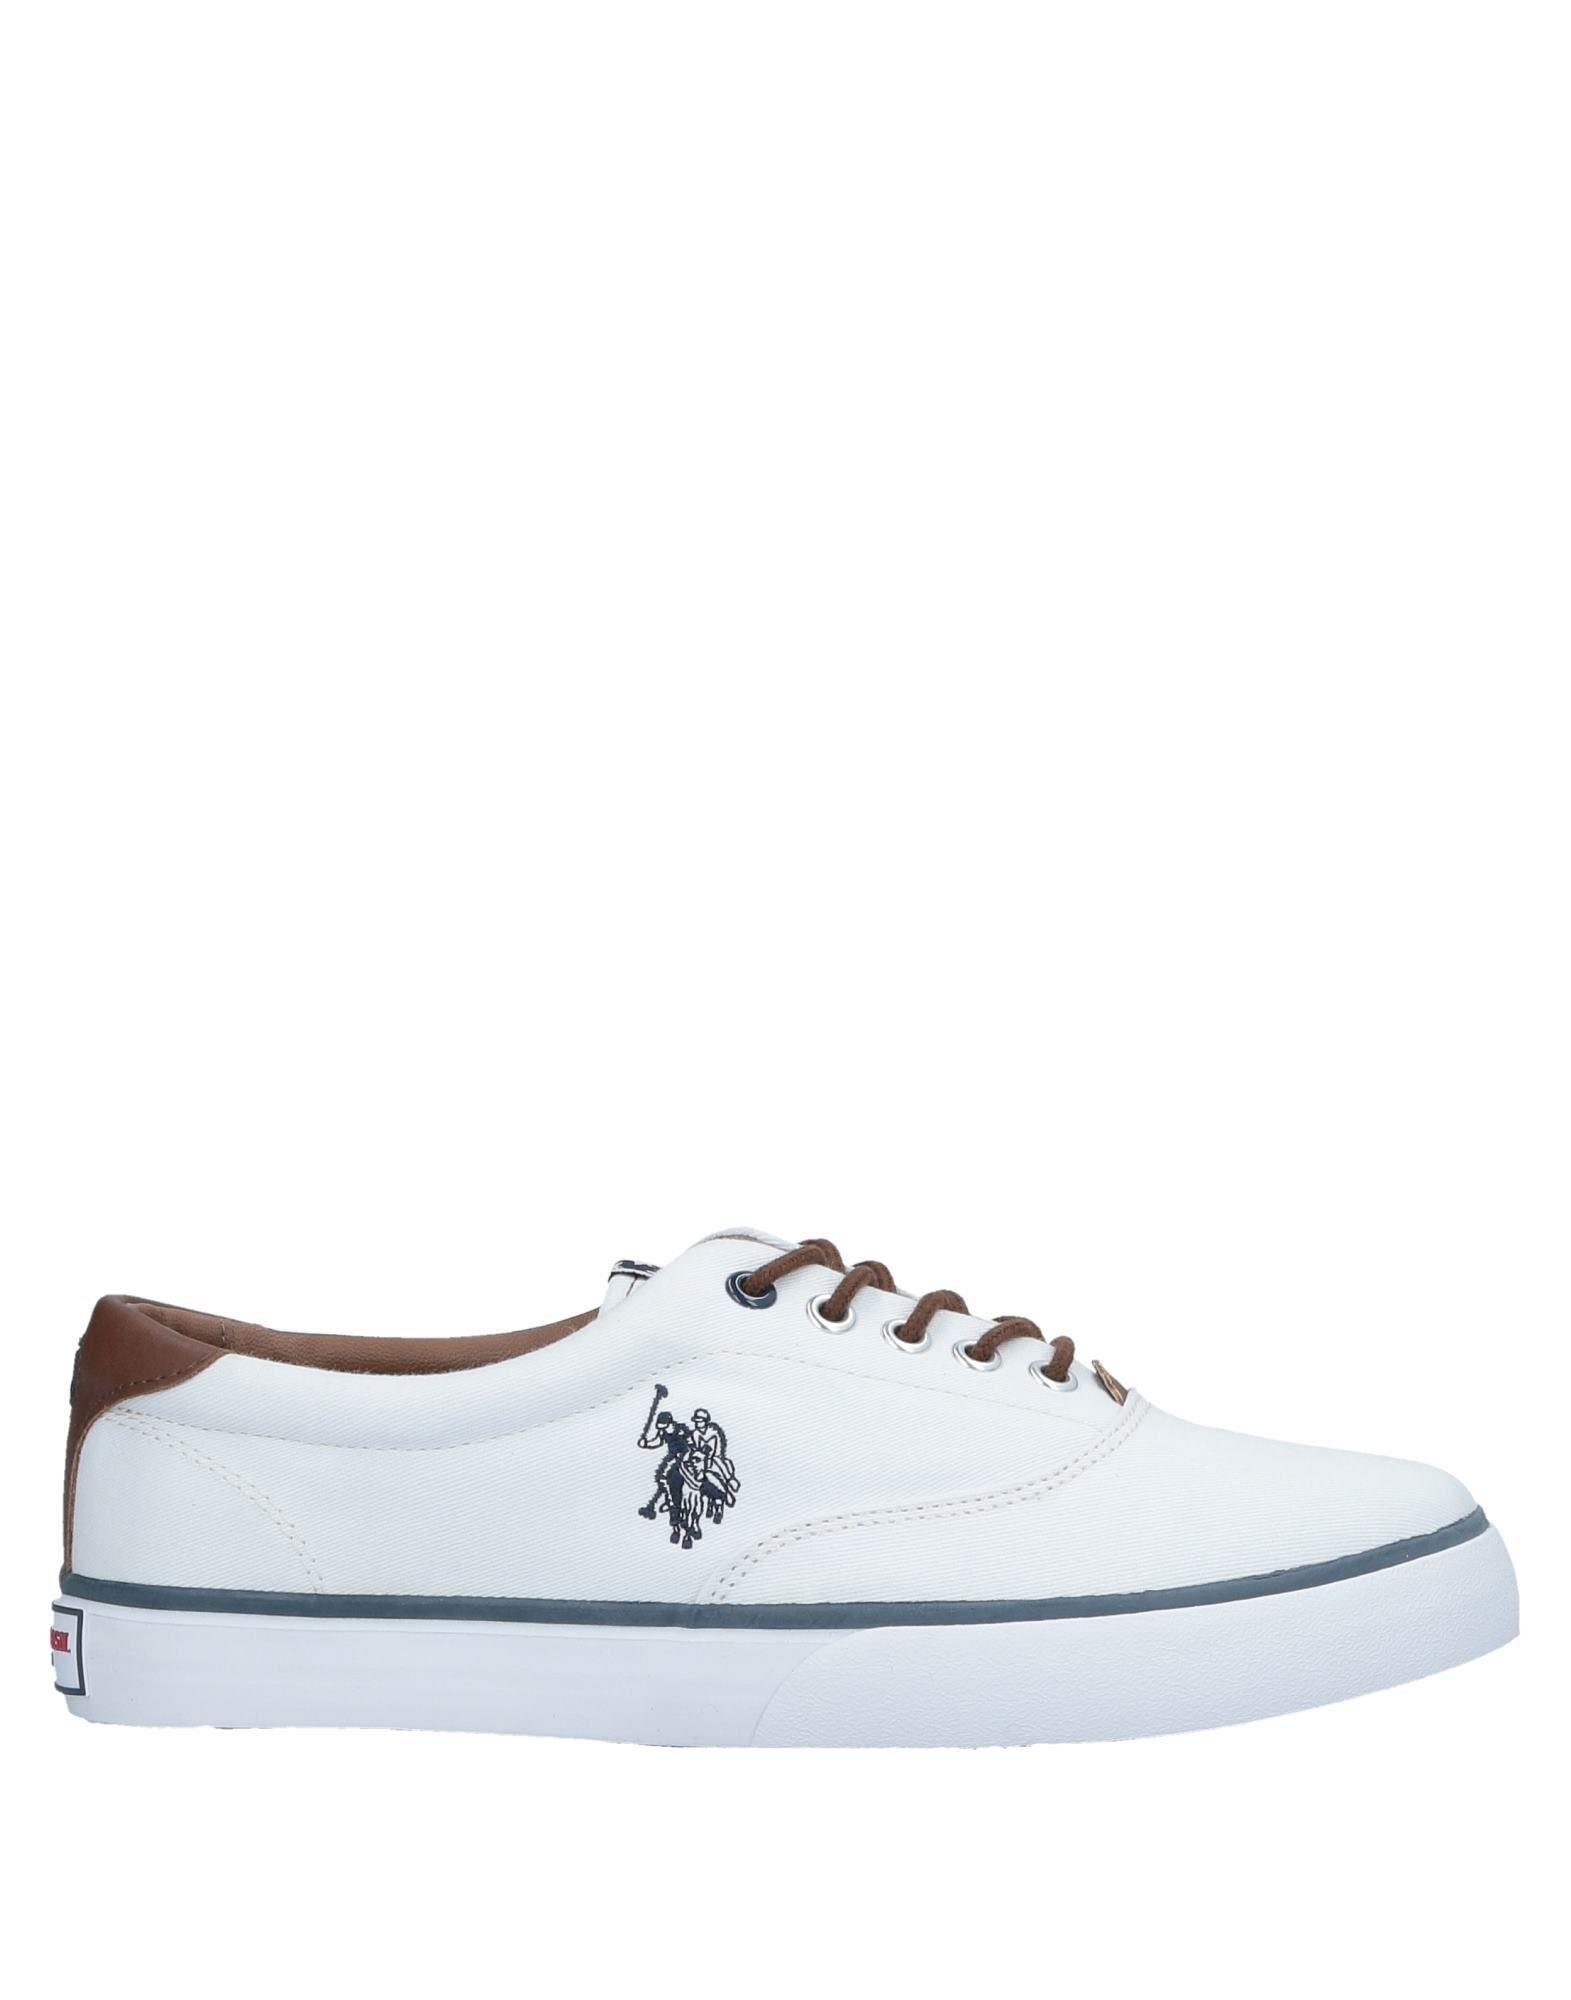 U.S.Polo Assn. Sneakers Qualität Damen  11517723OP Gute Qualität Sneakers beliebte Schuhe 66eec8